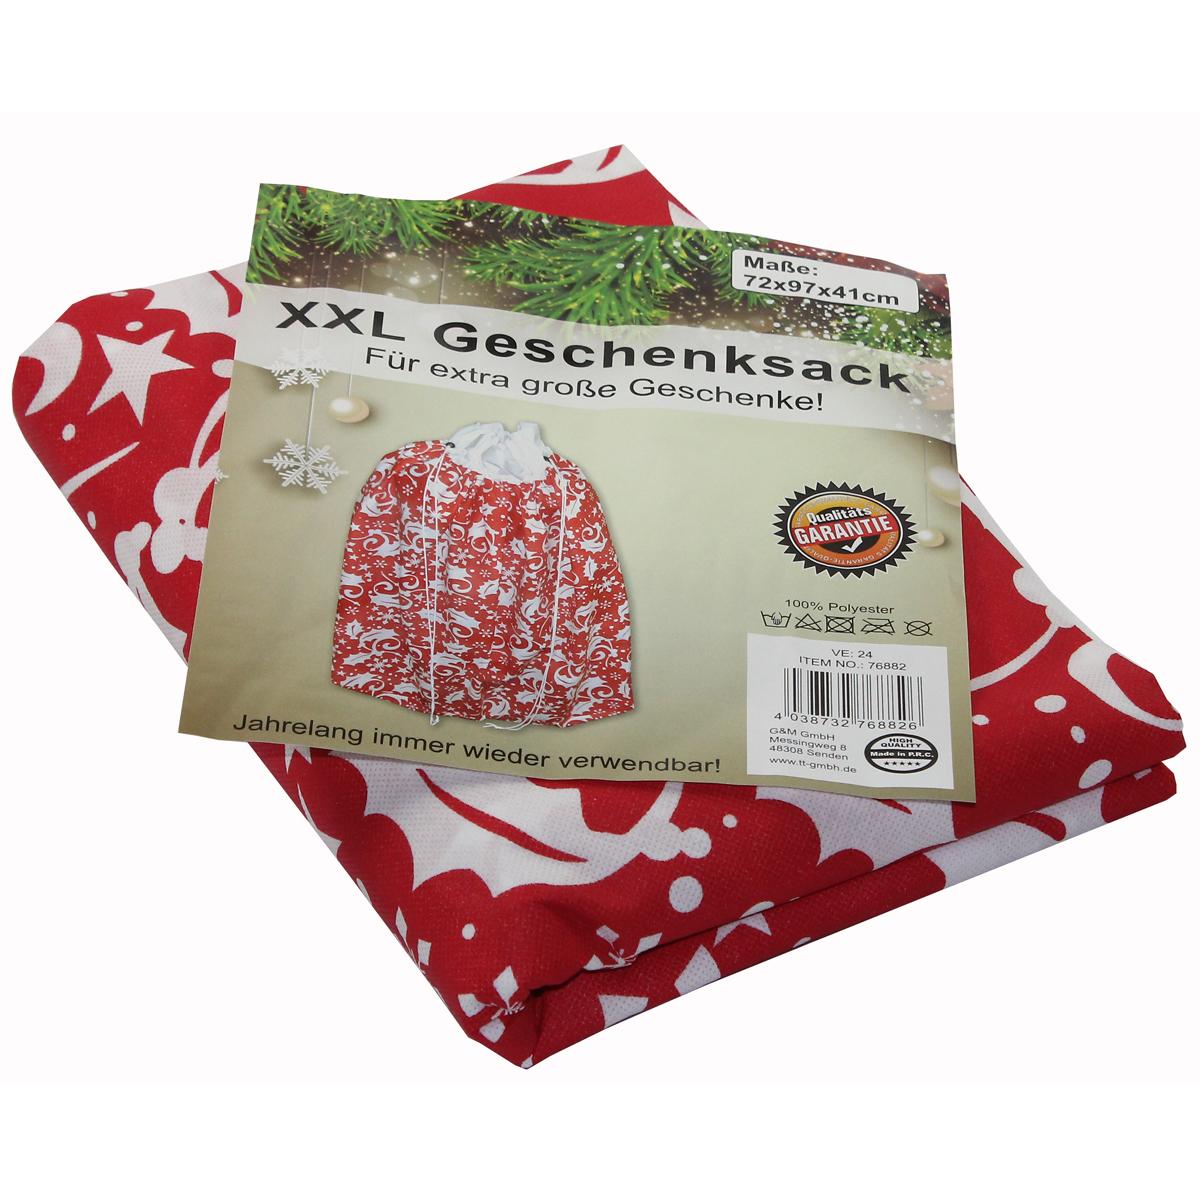 xxl geschenksack 97cm weihnachten nikolaus winter kinder. Black Bedroom Furniture Sets. Home Design Ideas